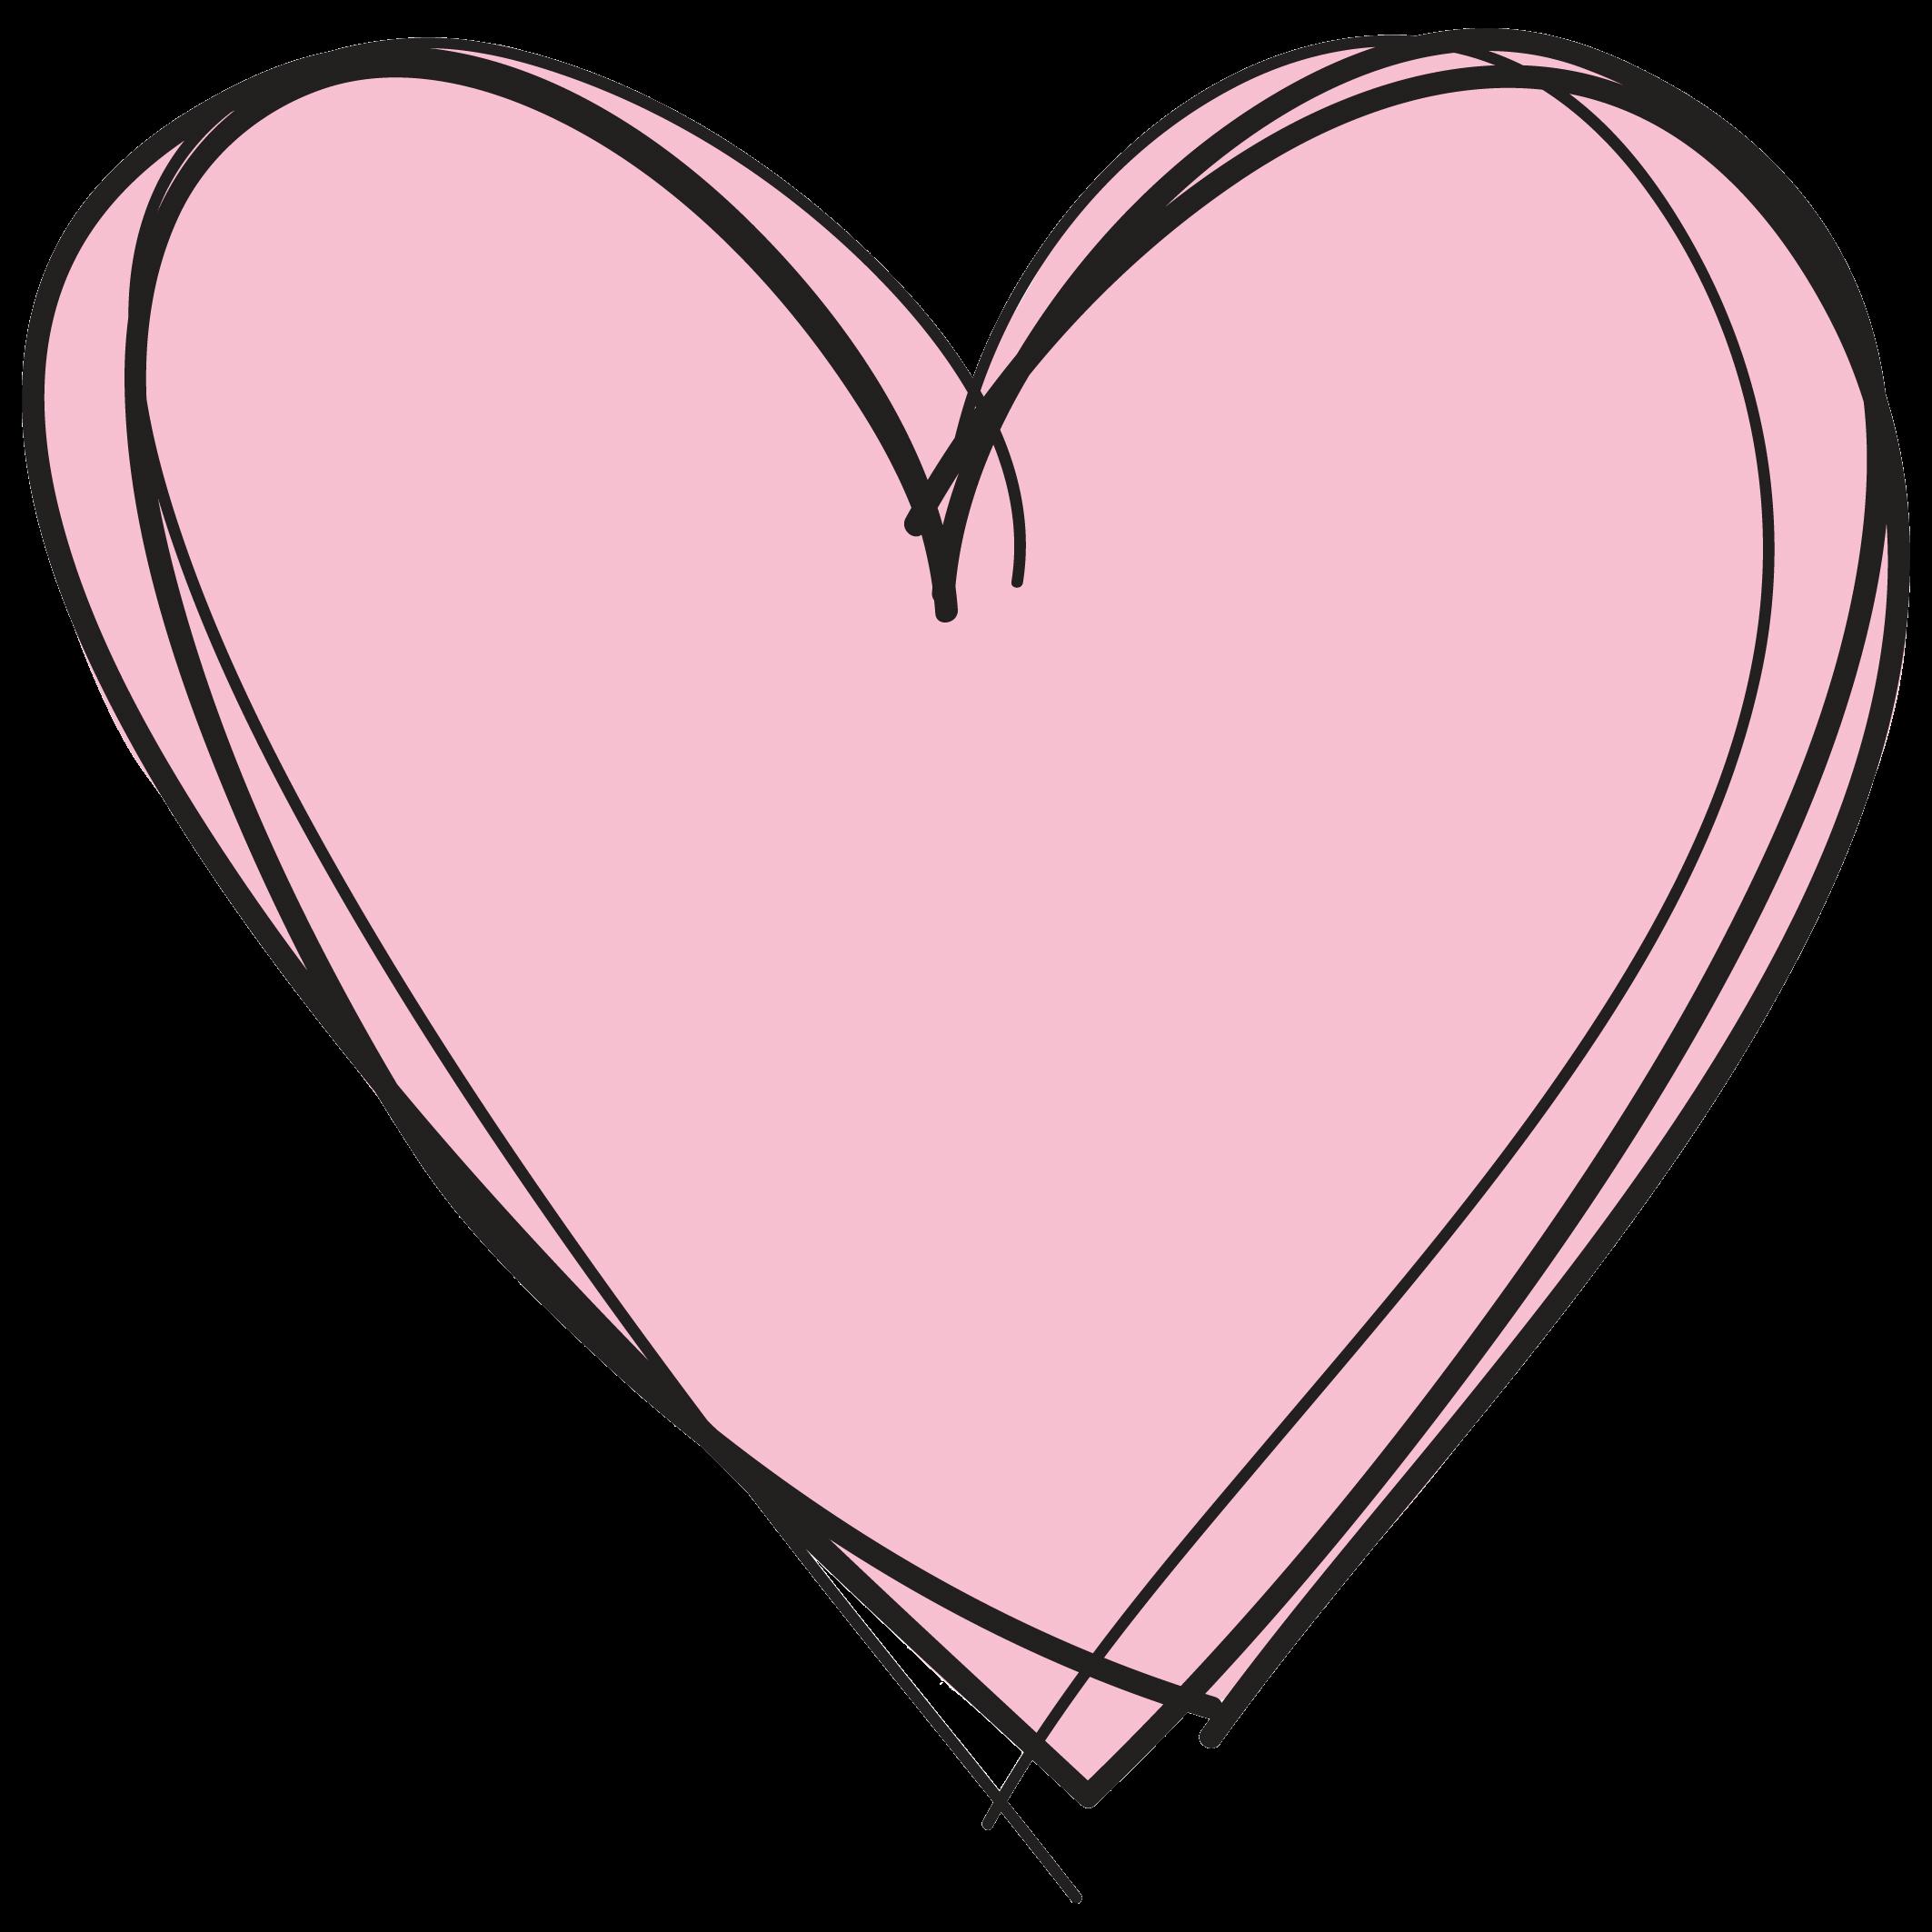 Pink heart transparent.